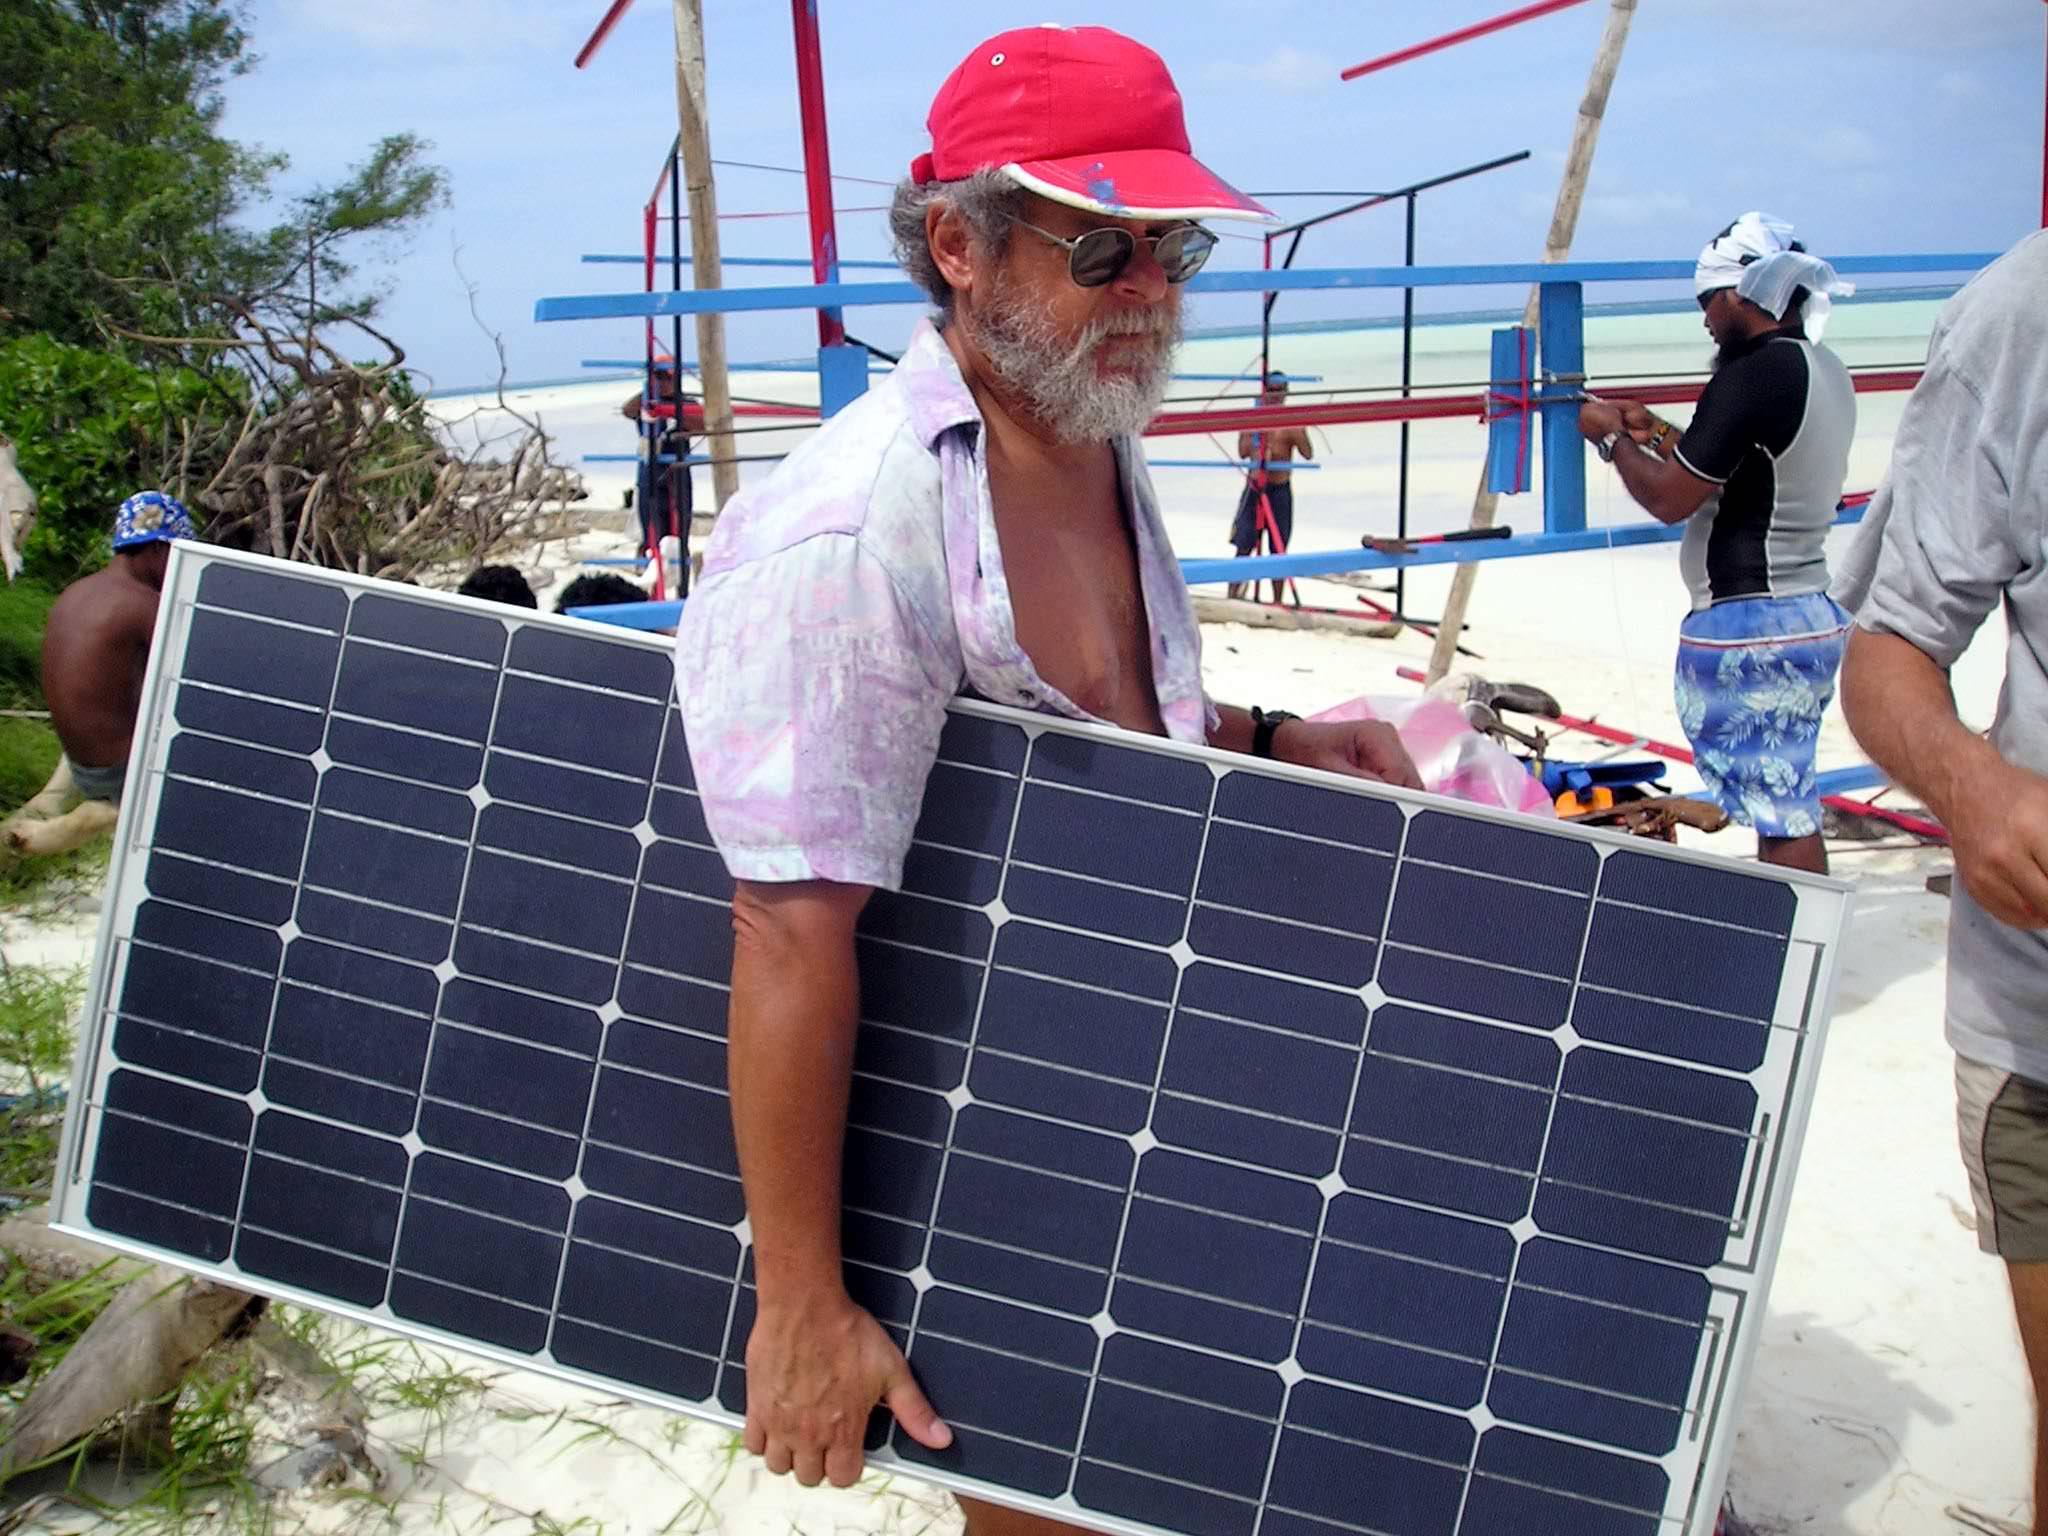 One of 32 solar panels for assembly on racks. (Caspar Henderson)